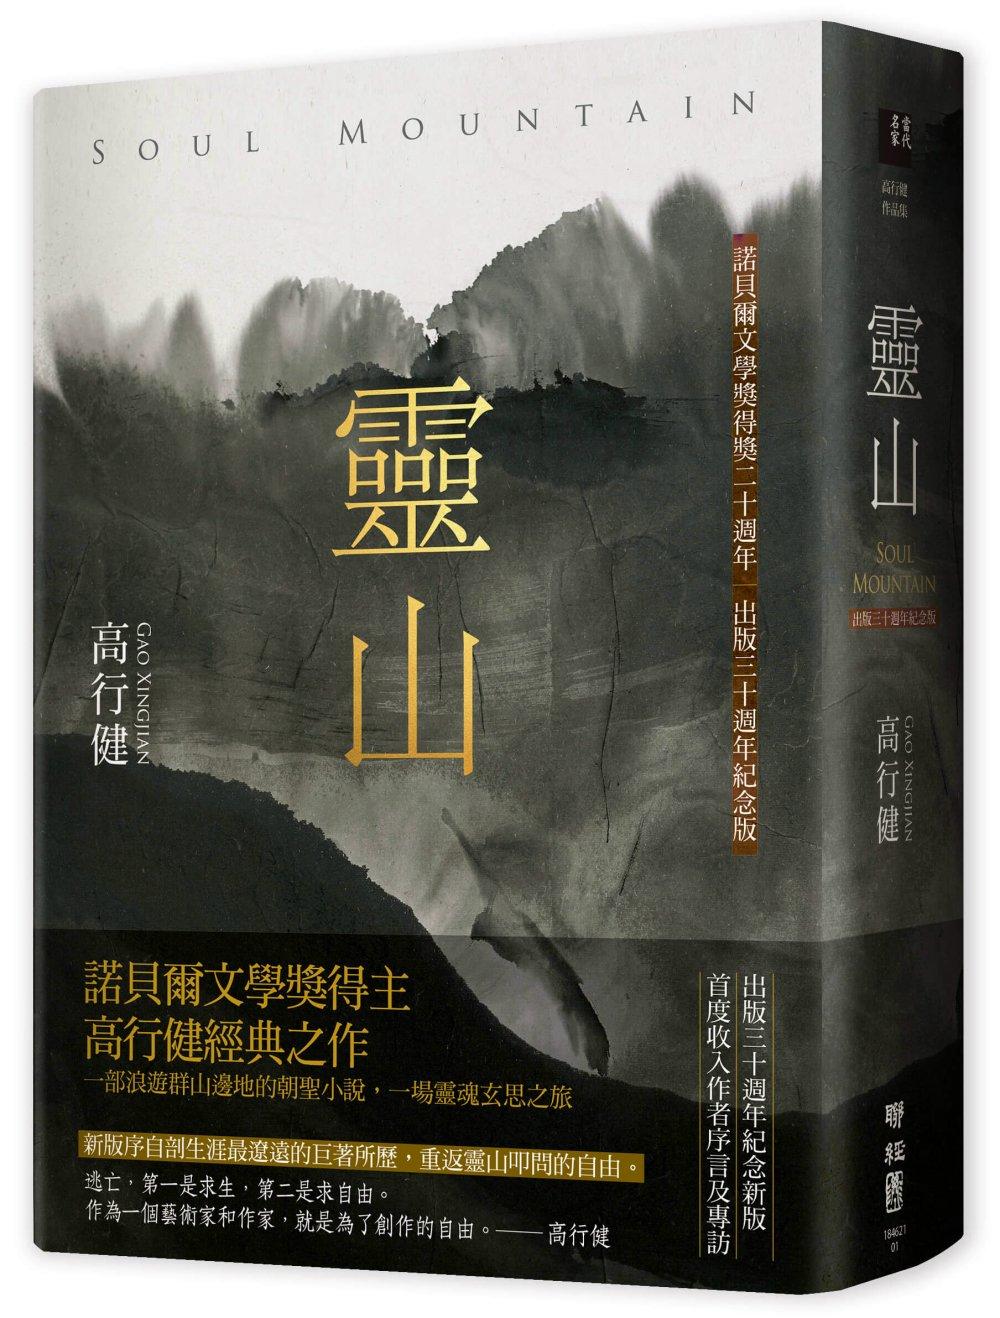 靈山(諾貝爾文學獎得獎20週年精裝簽名版,首度收入作者序言及專訪)